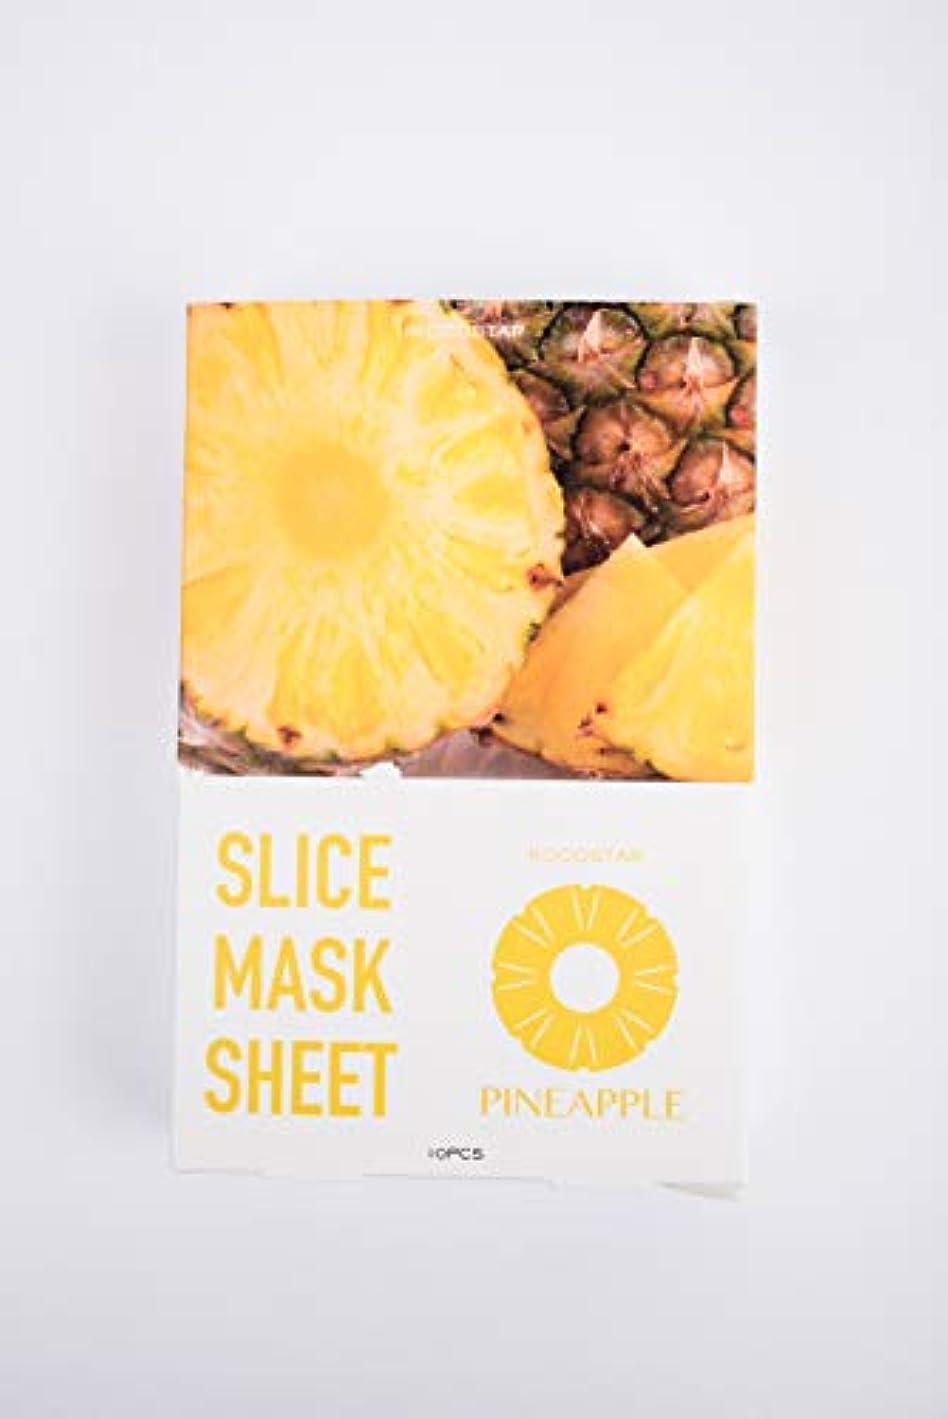 摂氏アクティブ等価KOCOSTAR Slice Mask Sheet - Pineapple 10sheets並行輸入品